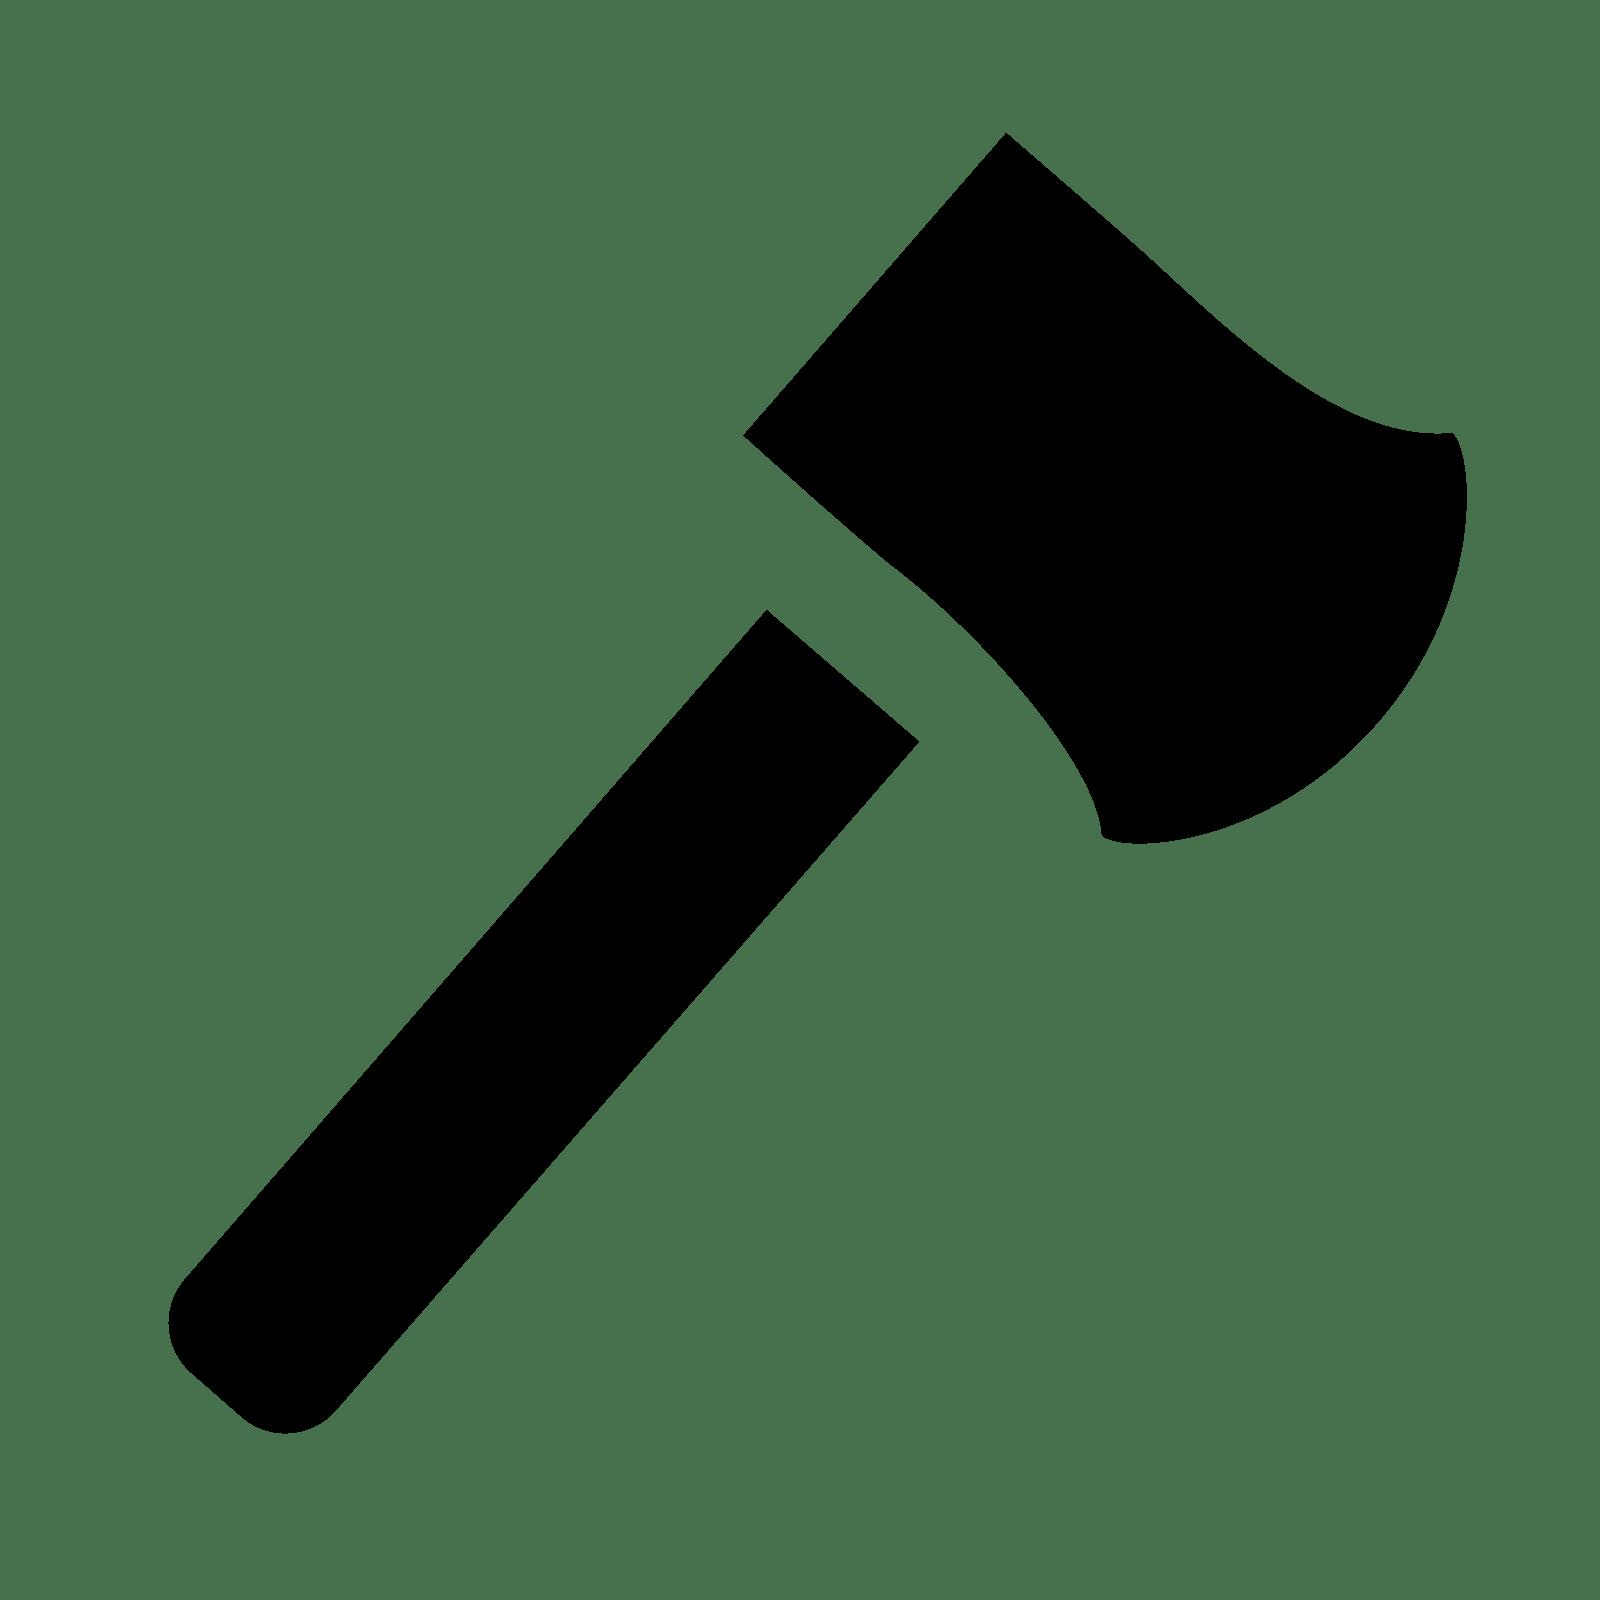 Hatchet Icon - Hatchet, Transparent background PNG HD thumbnail